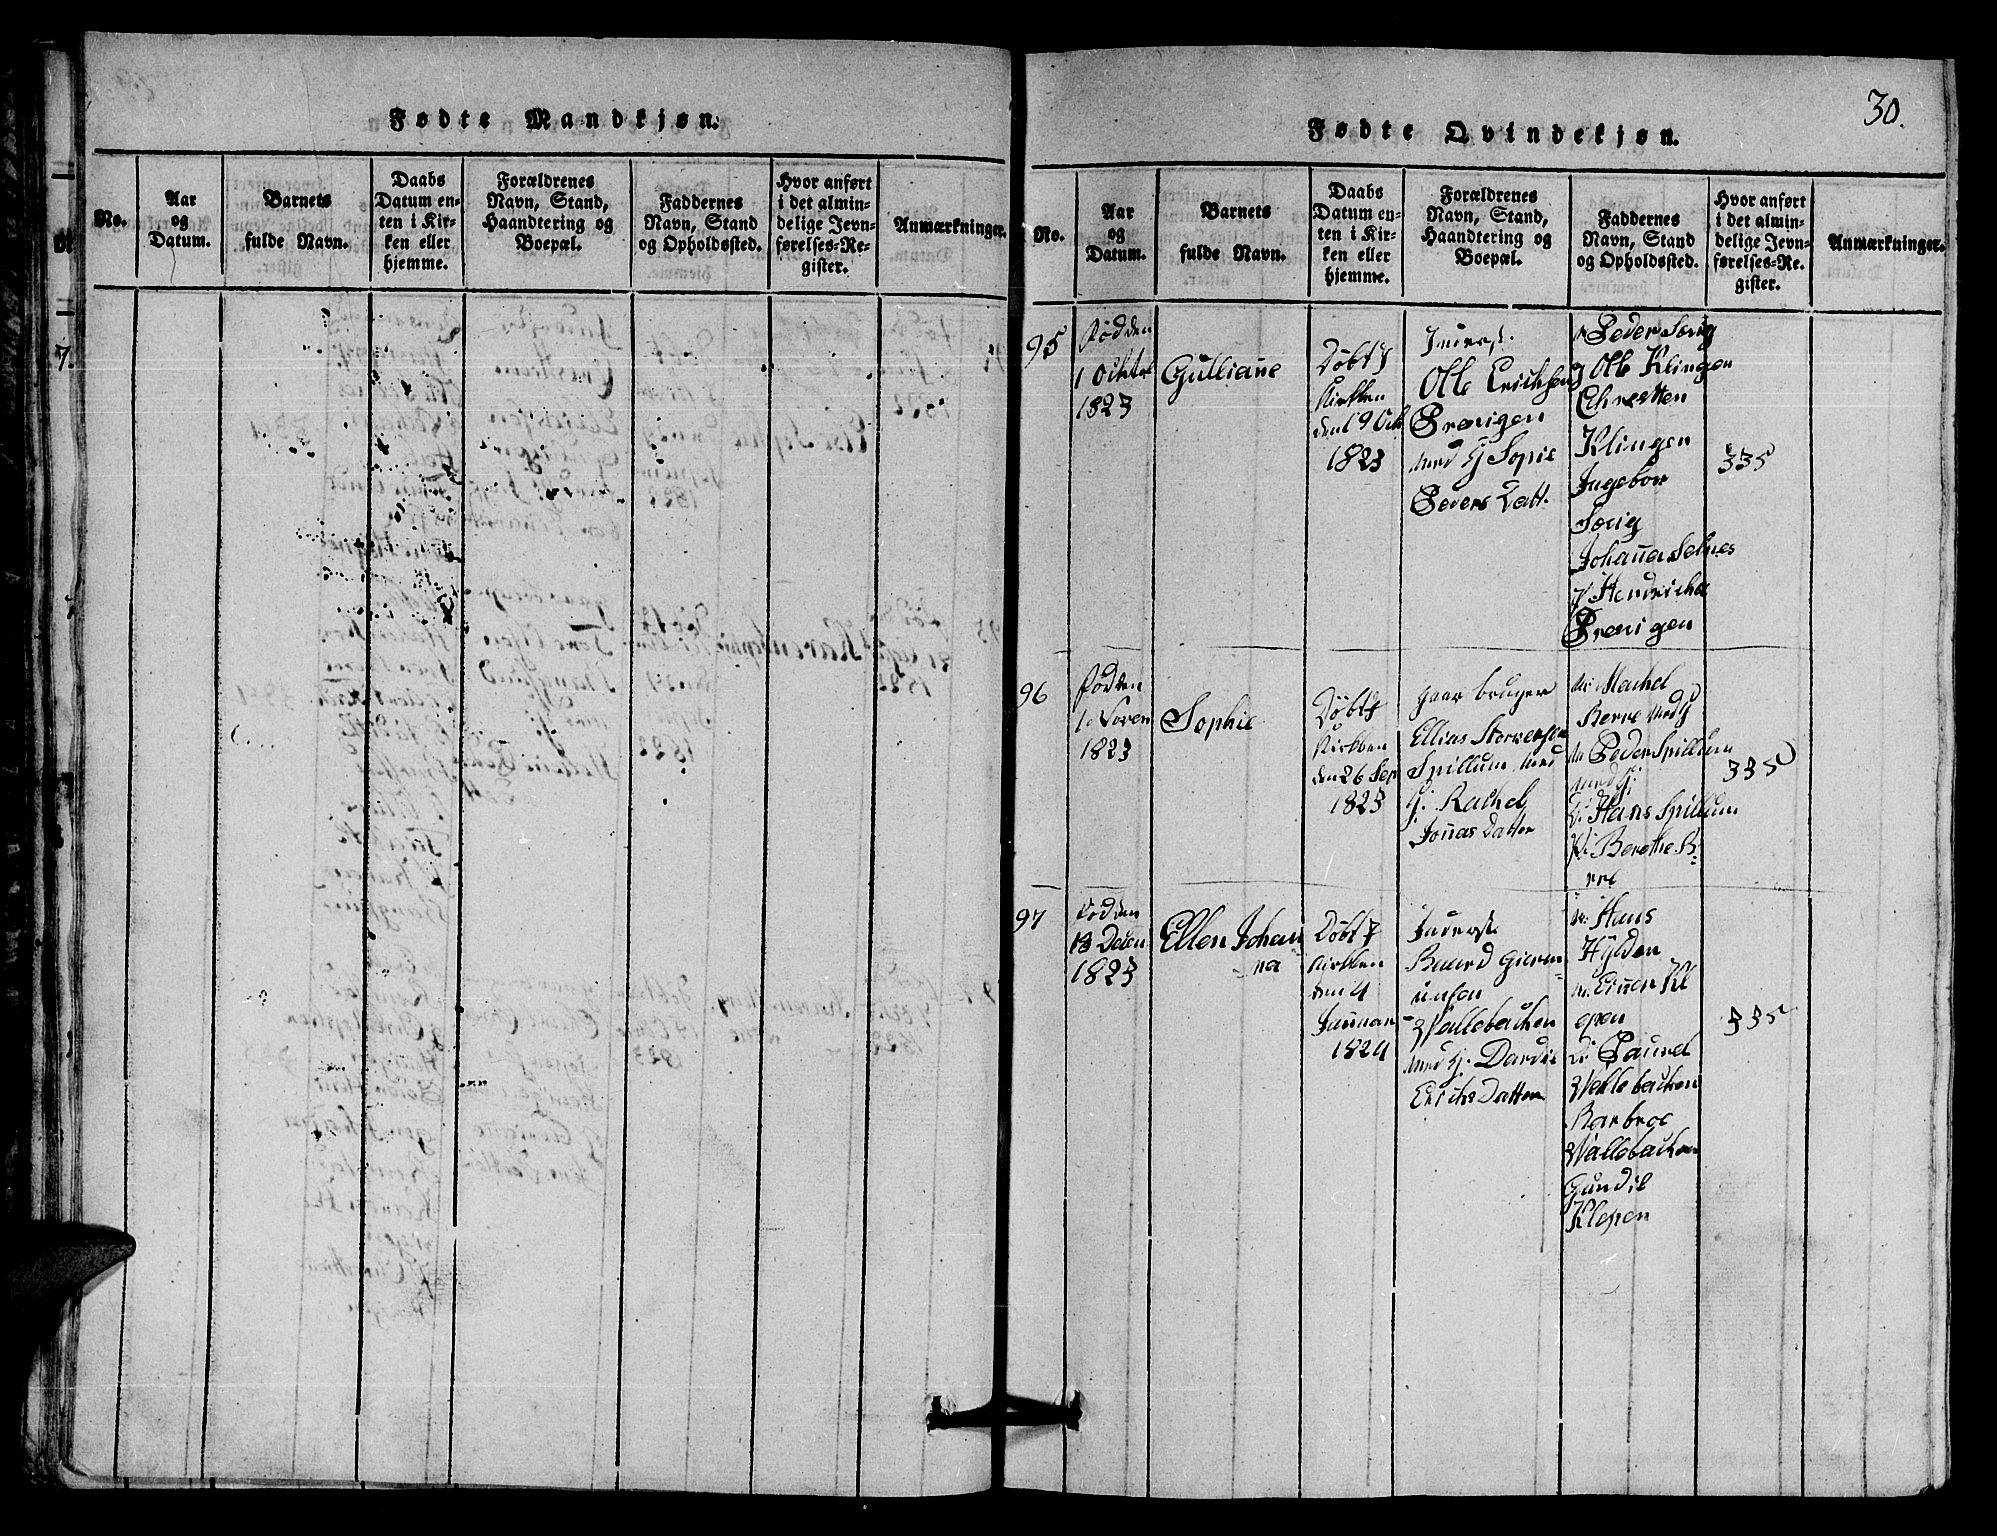 SAT, Ministerialprotokoller, klokkerbøker og fødselsregistre - Nord-Trøndelag, 770/L0590: Klokkerbok nr. 770C01, 1815-1824, s. 30